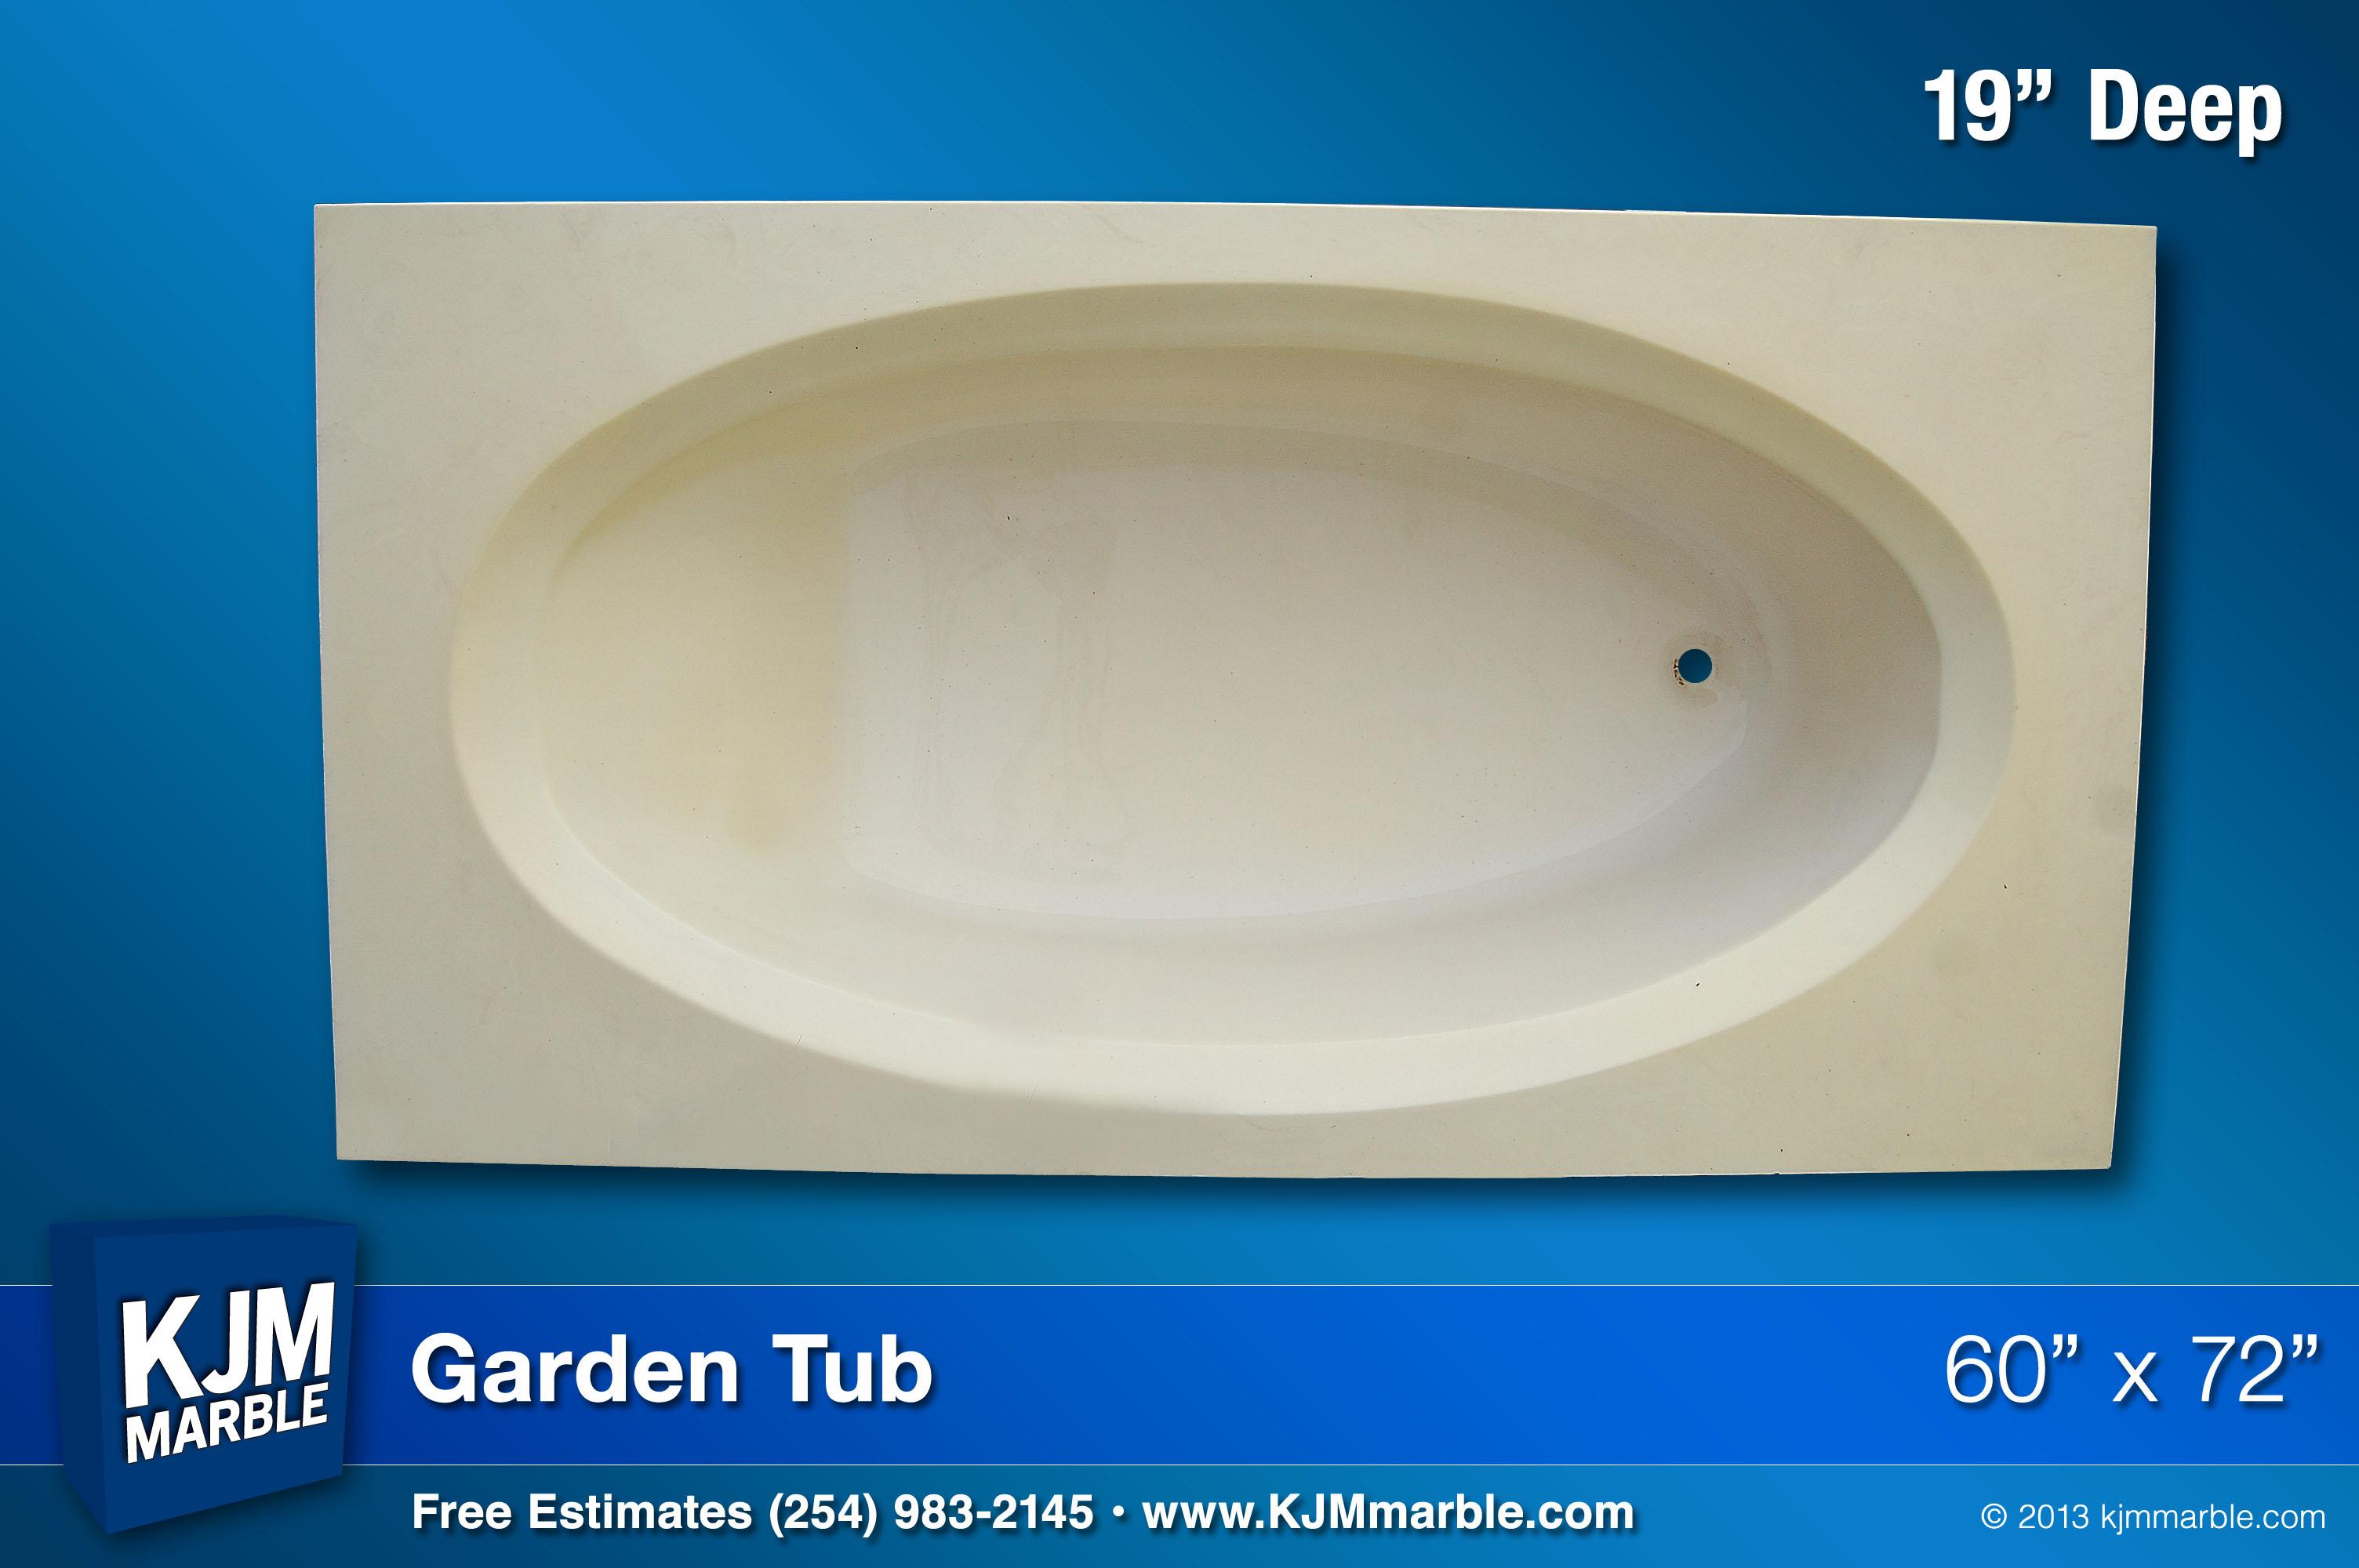 KJM Marble | Garden Tubs